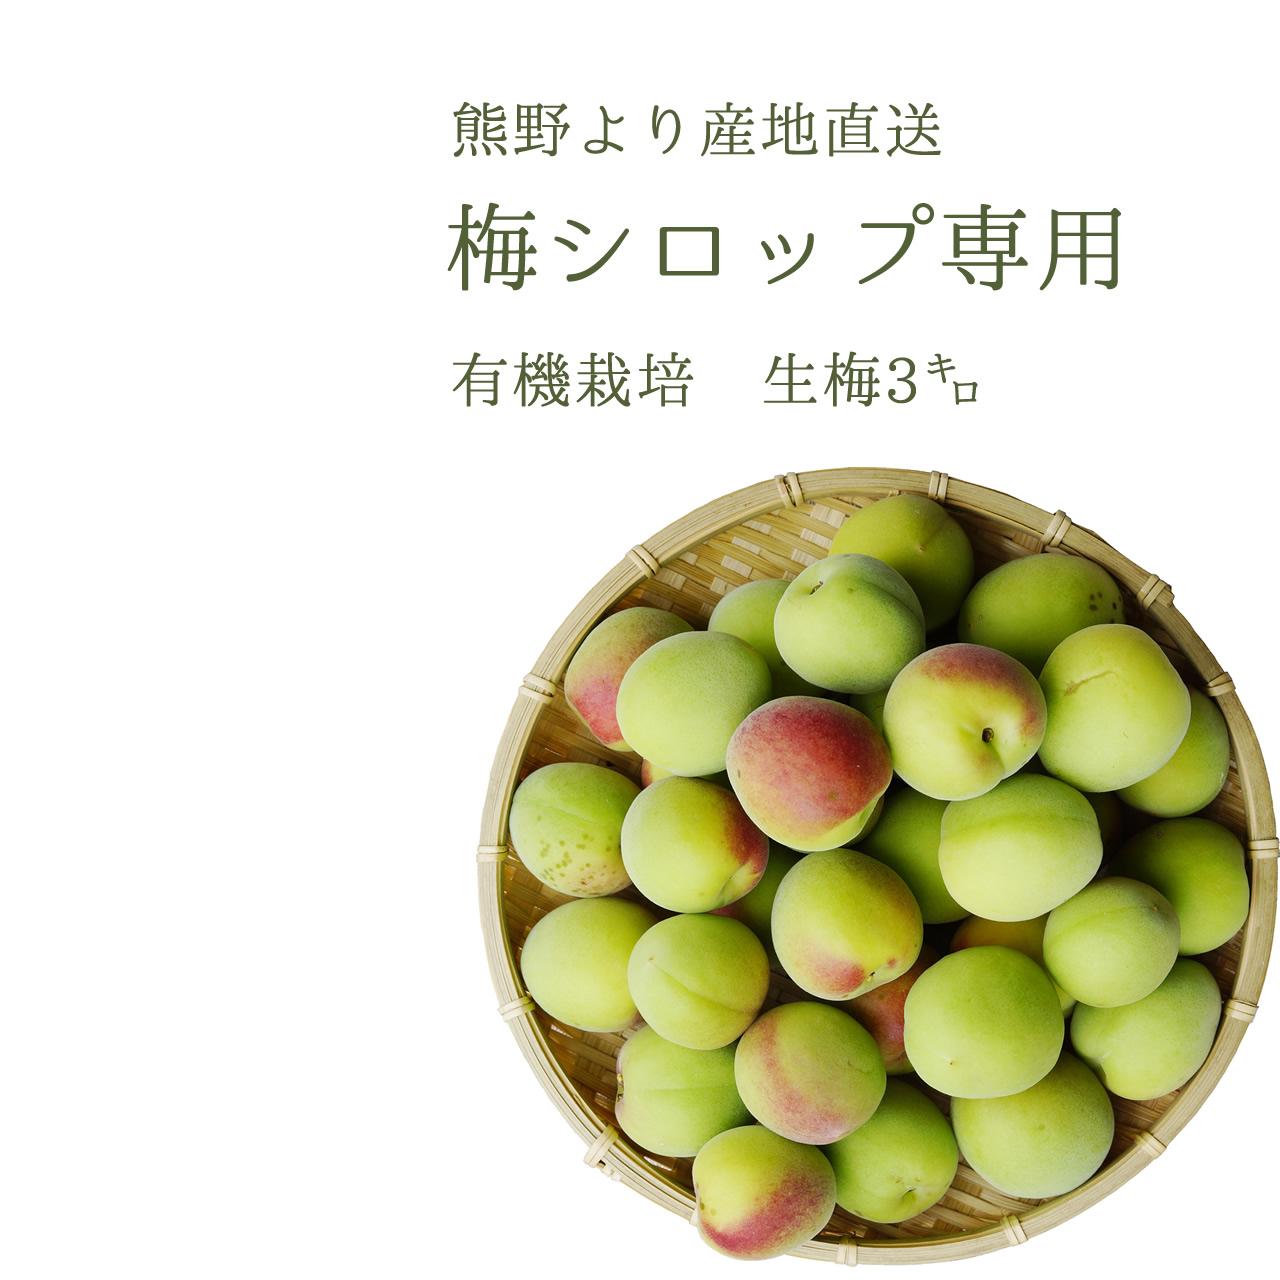 やさしい梅屋さんの 有機栽培生梅(青梅) 梅シロップ用の生梅(紀州 和歌山県産) 3kg【冷蔵配送】